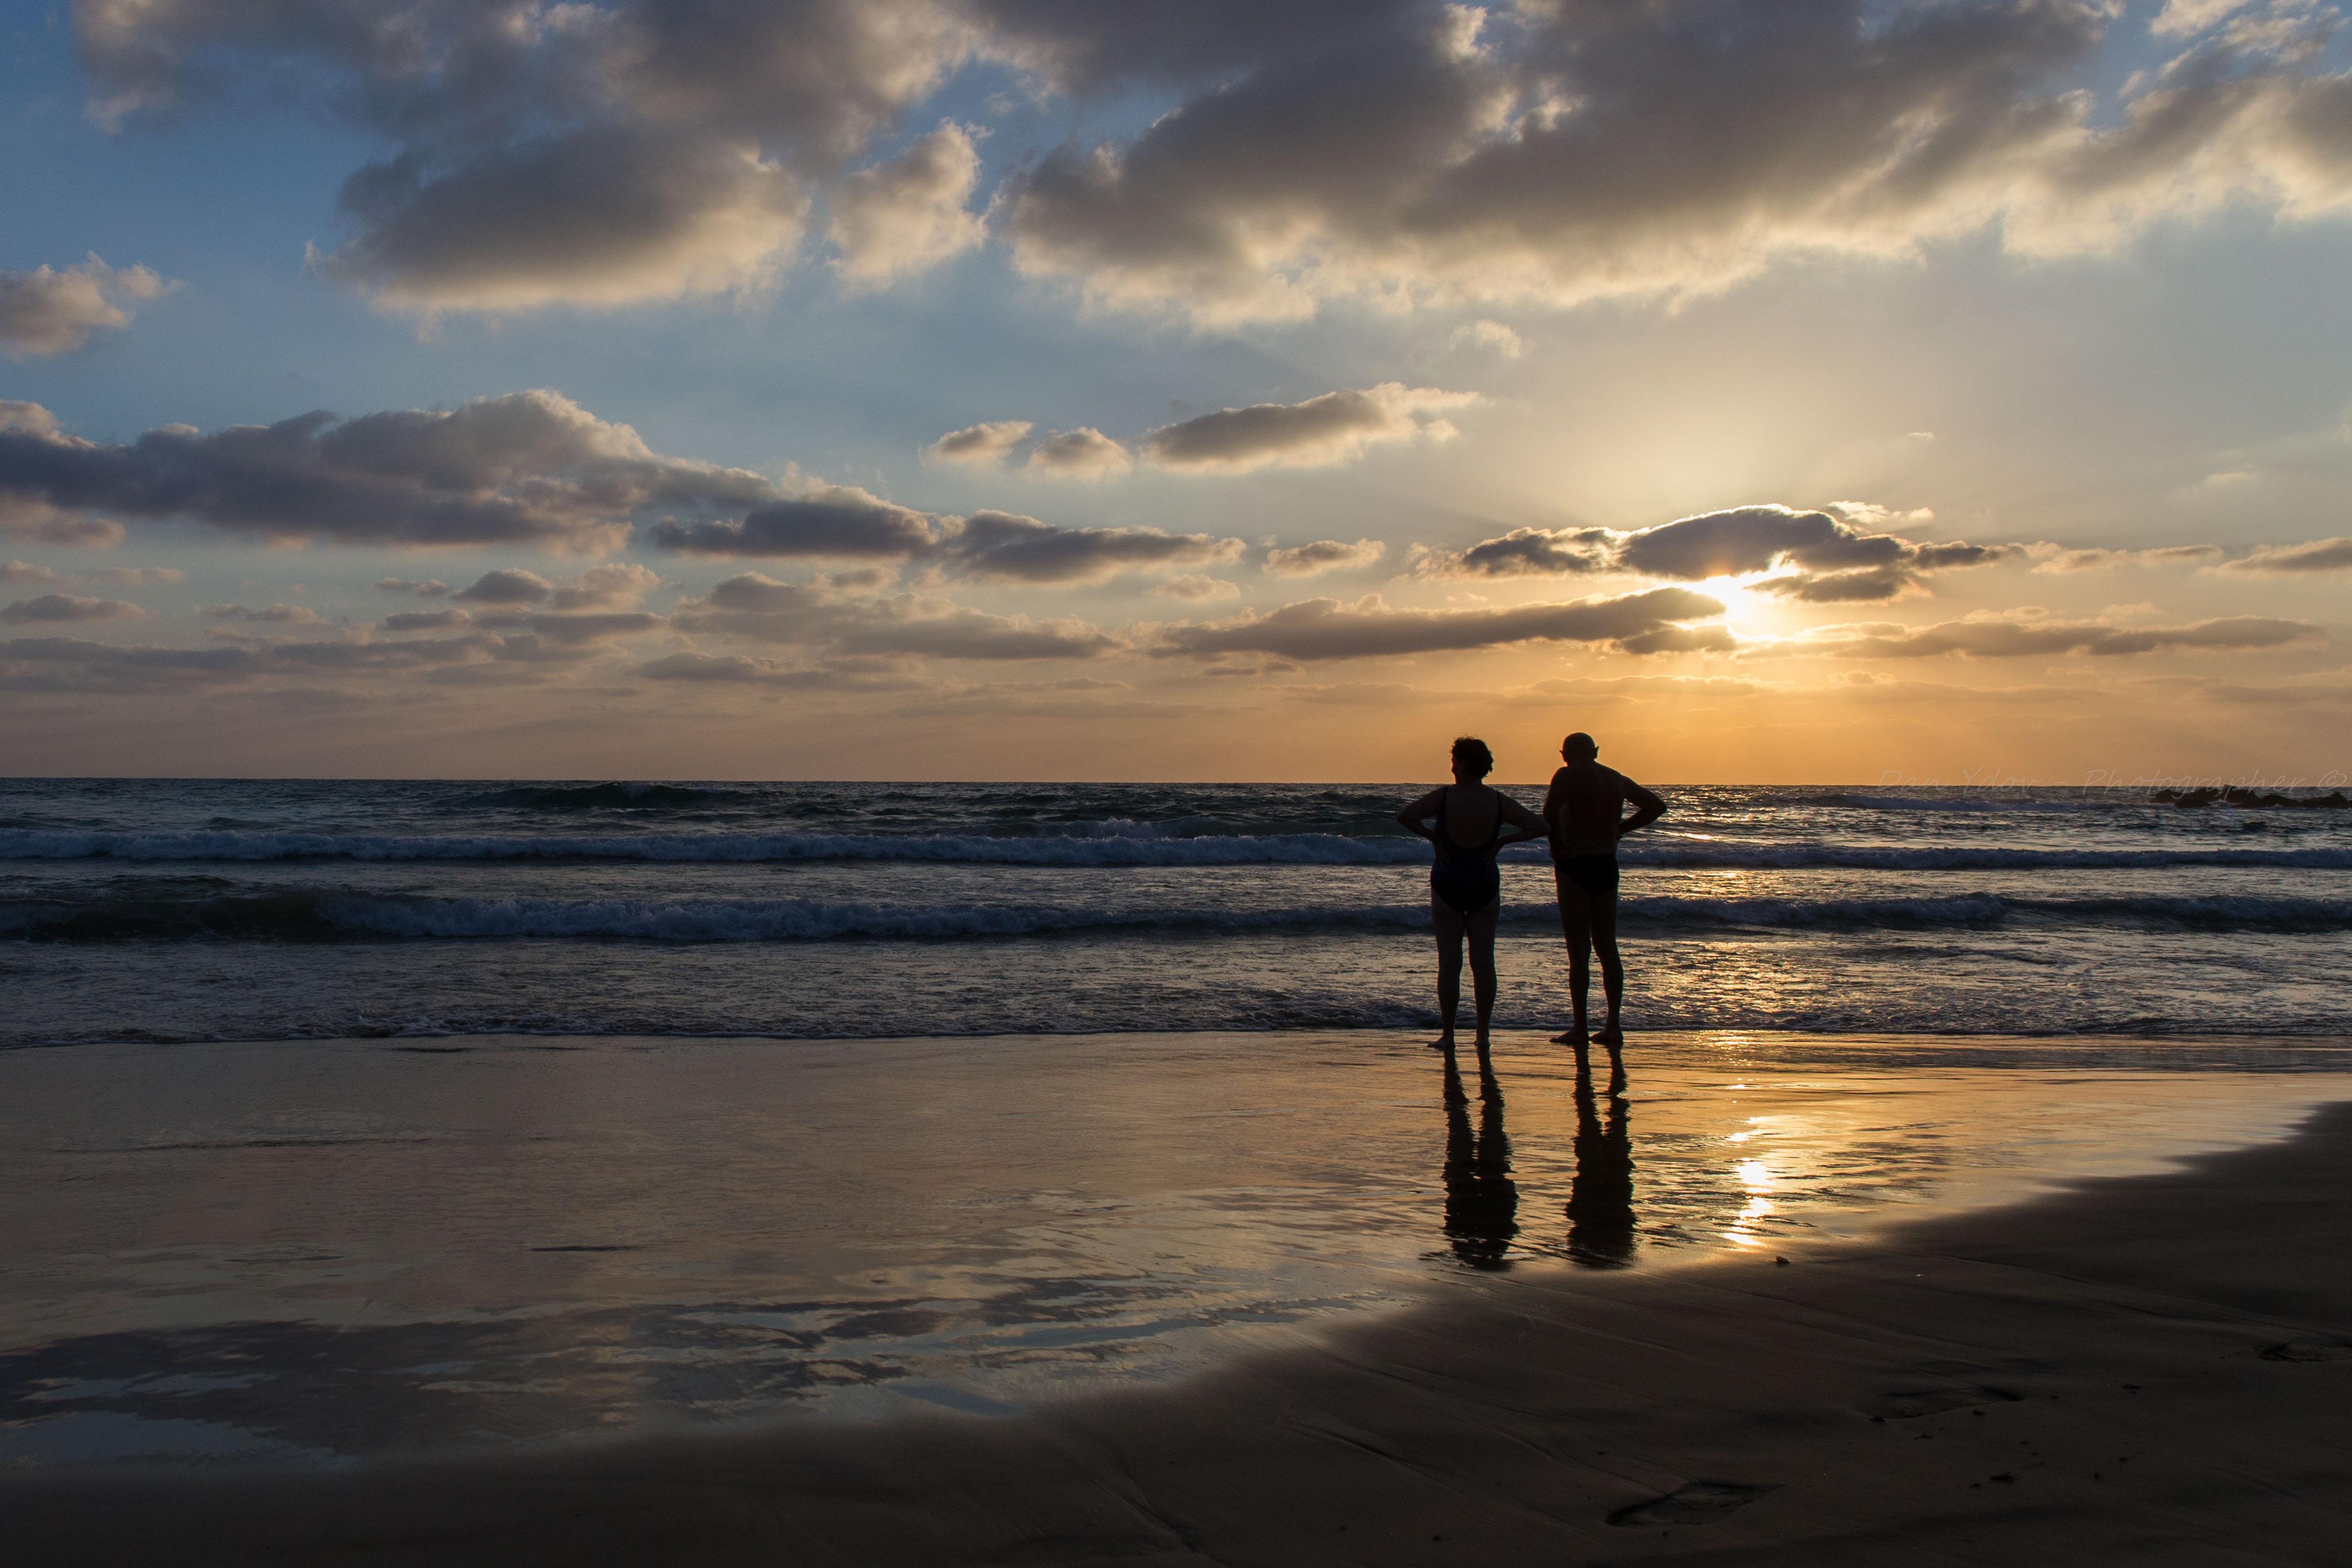 צילומי זוגיות, סיפור אהבה בים